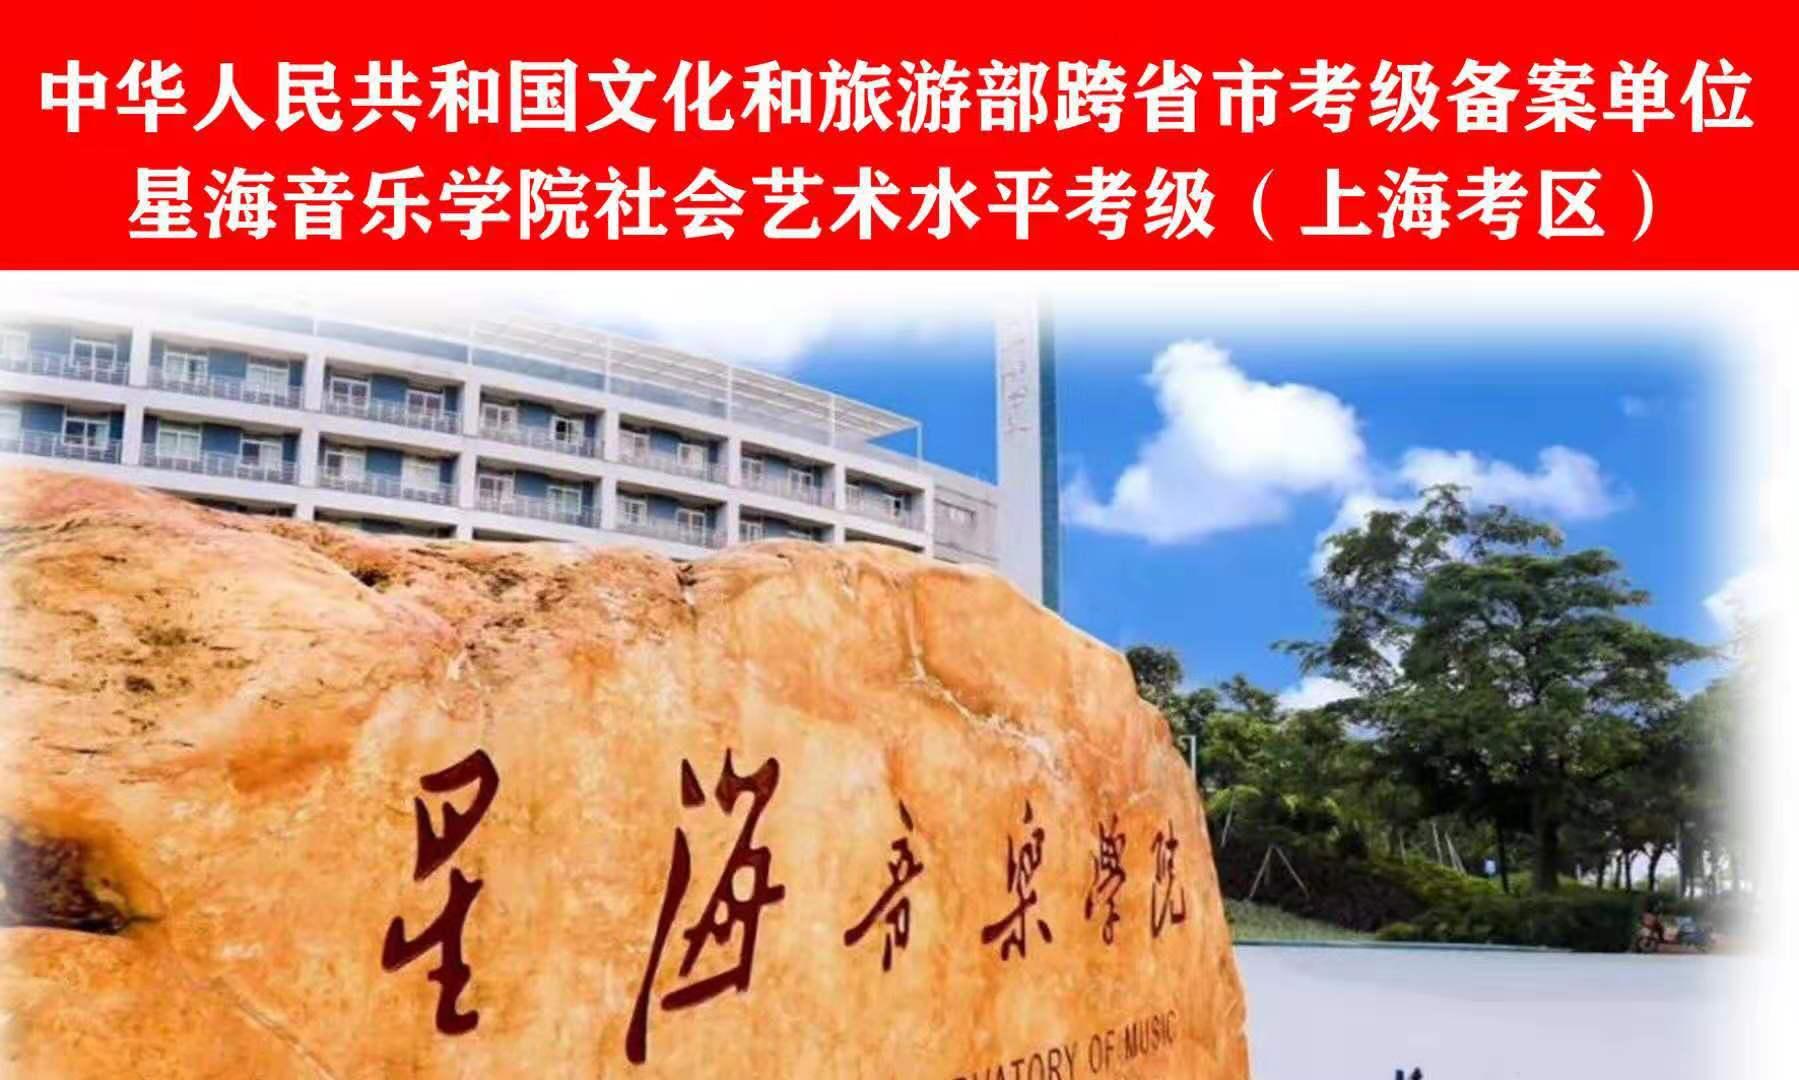 星海音乐学院考级定点落户奉贤青村,上海博雅演艺音乐培训中心